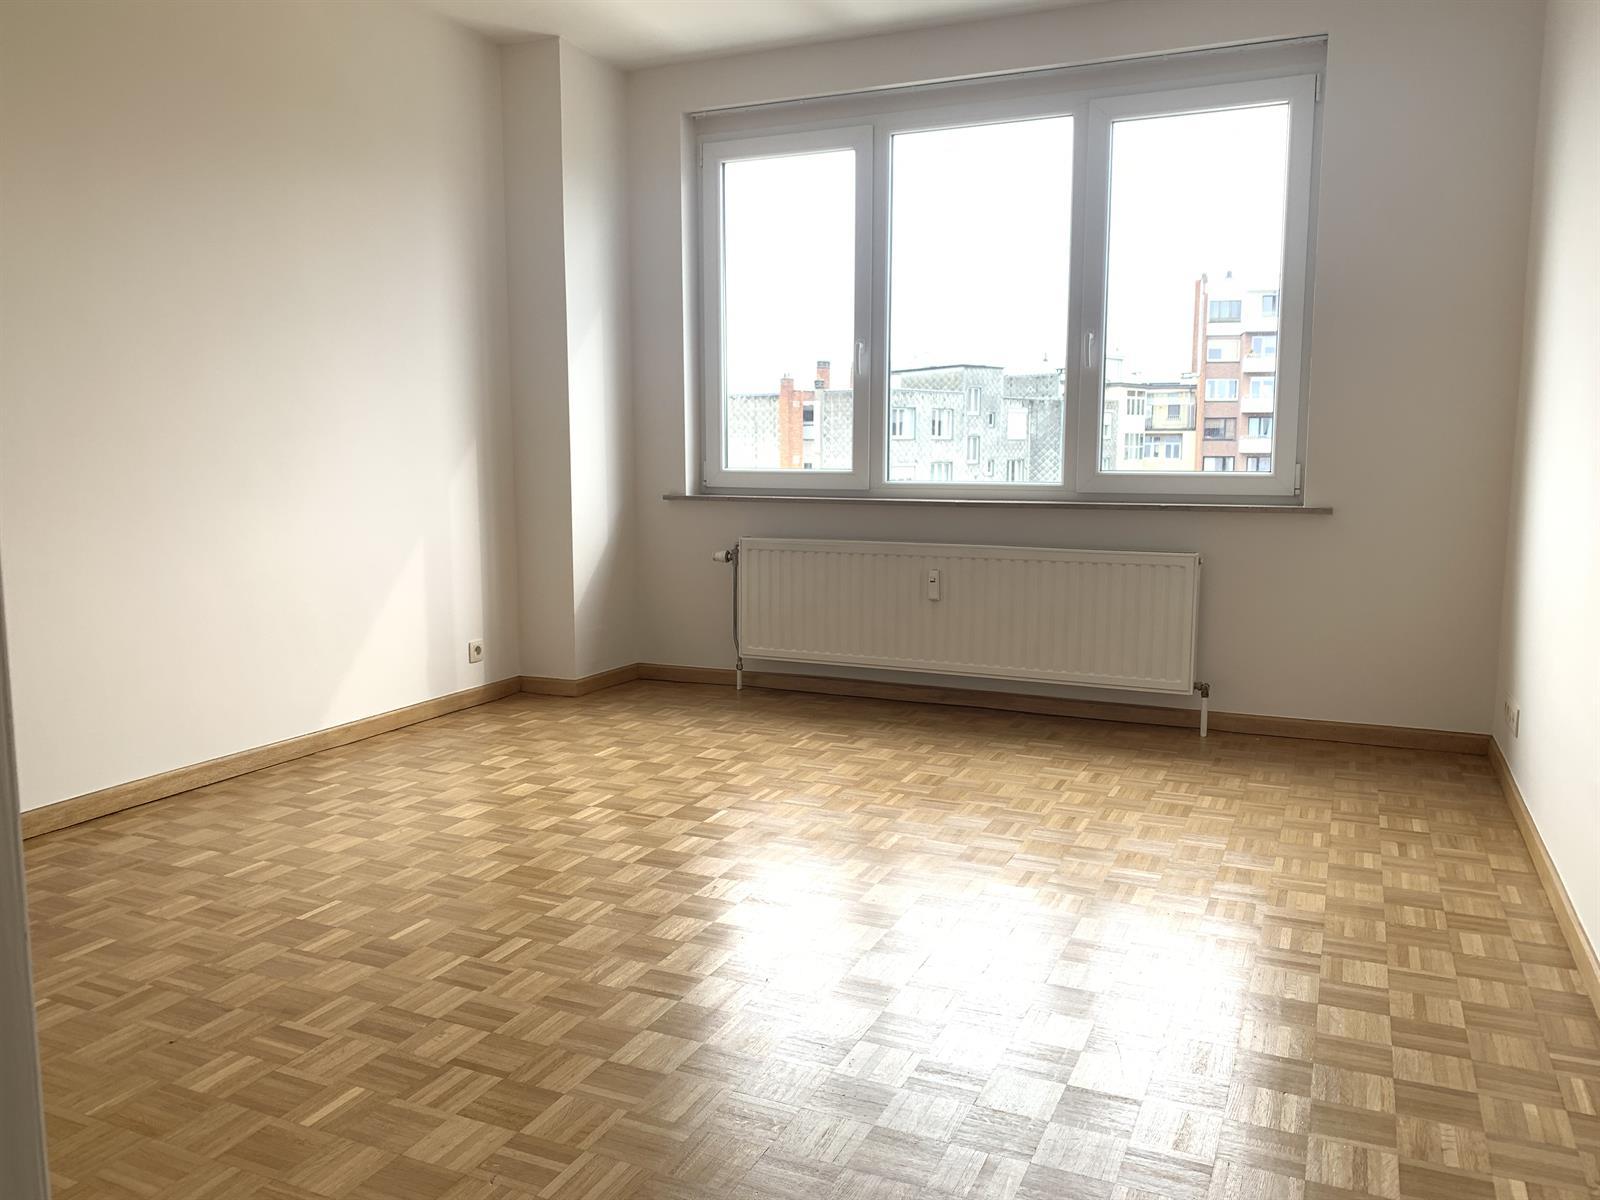 Flat - Schaerbeek - #4394057-9